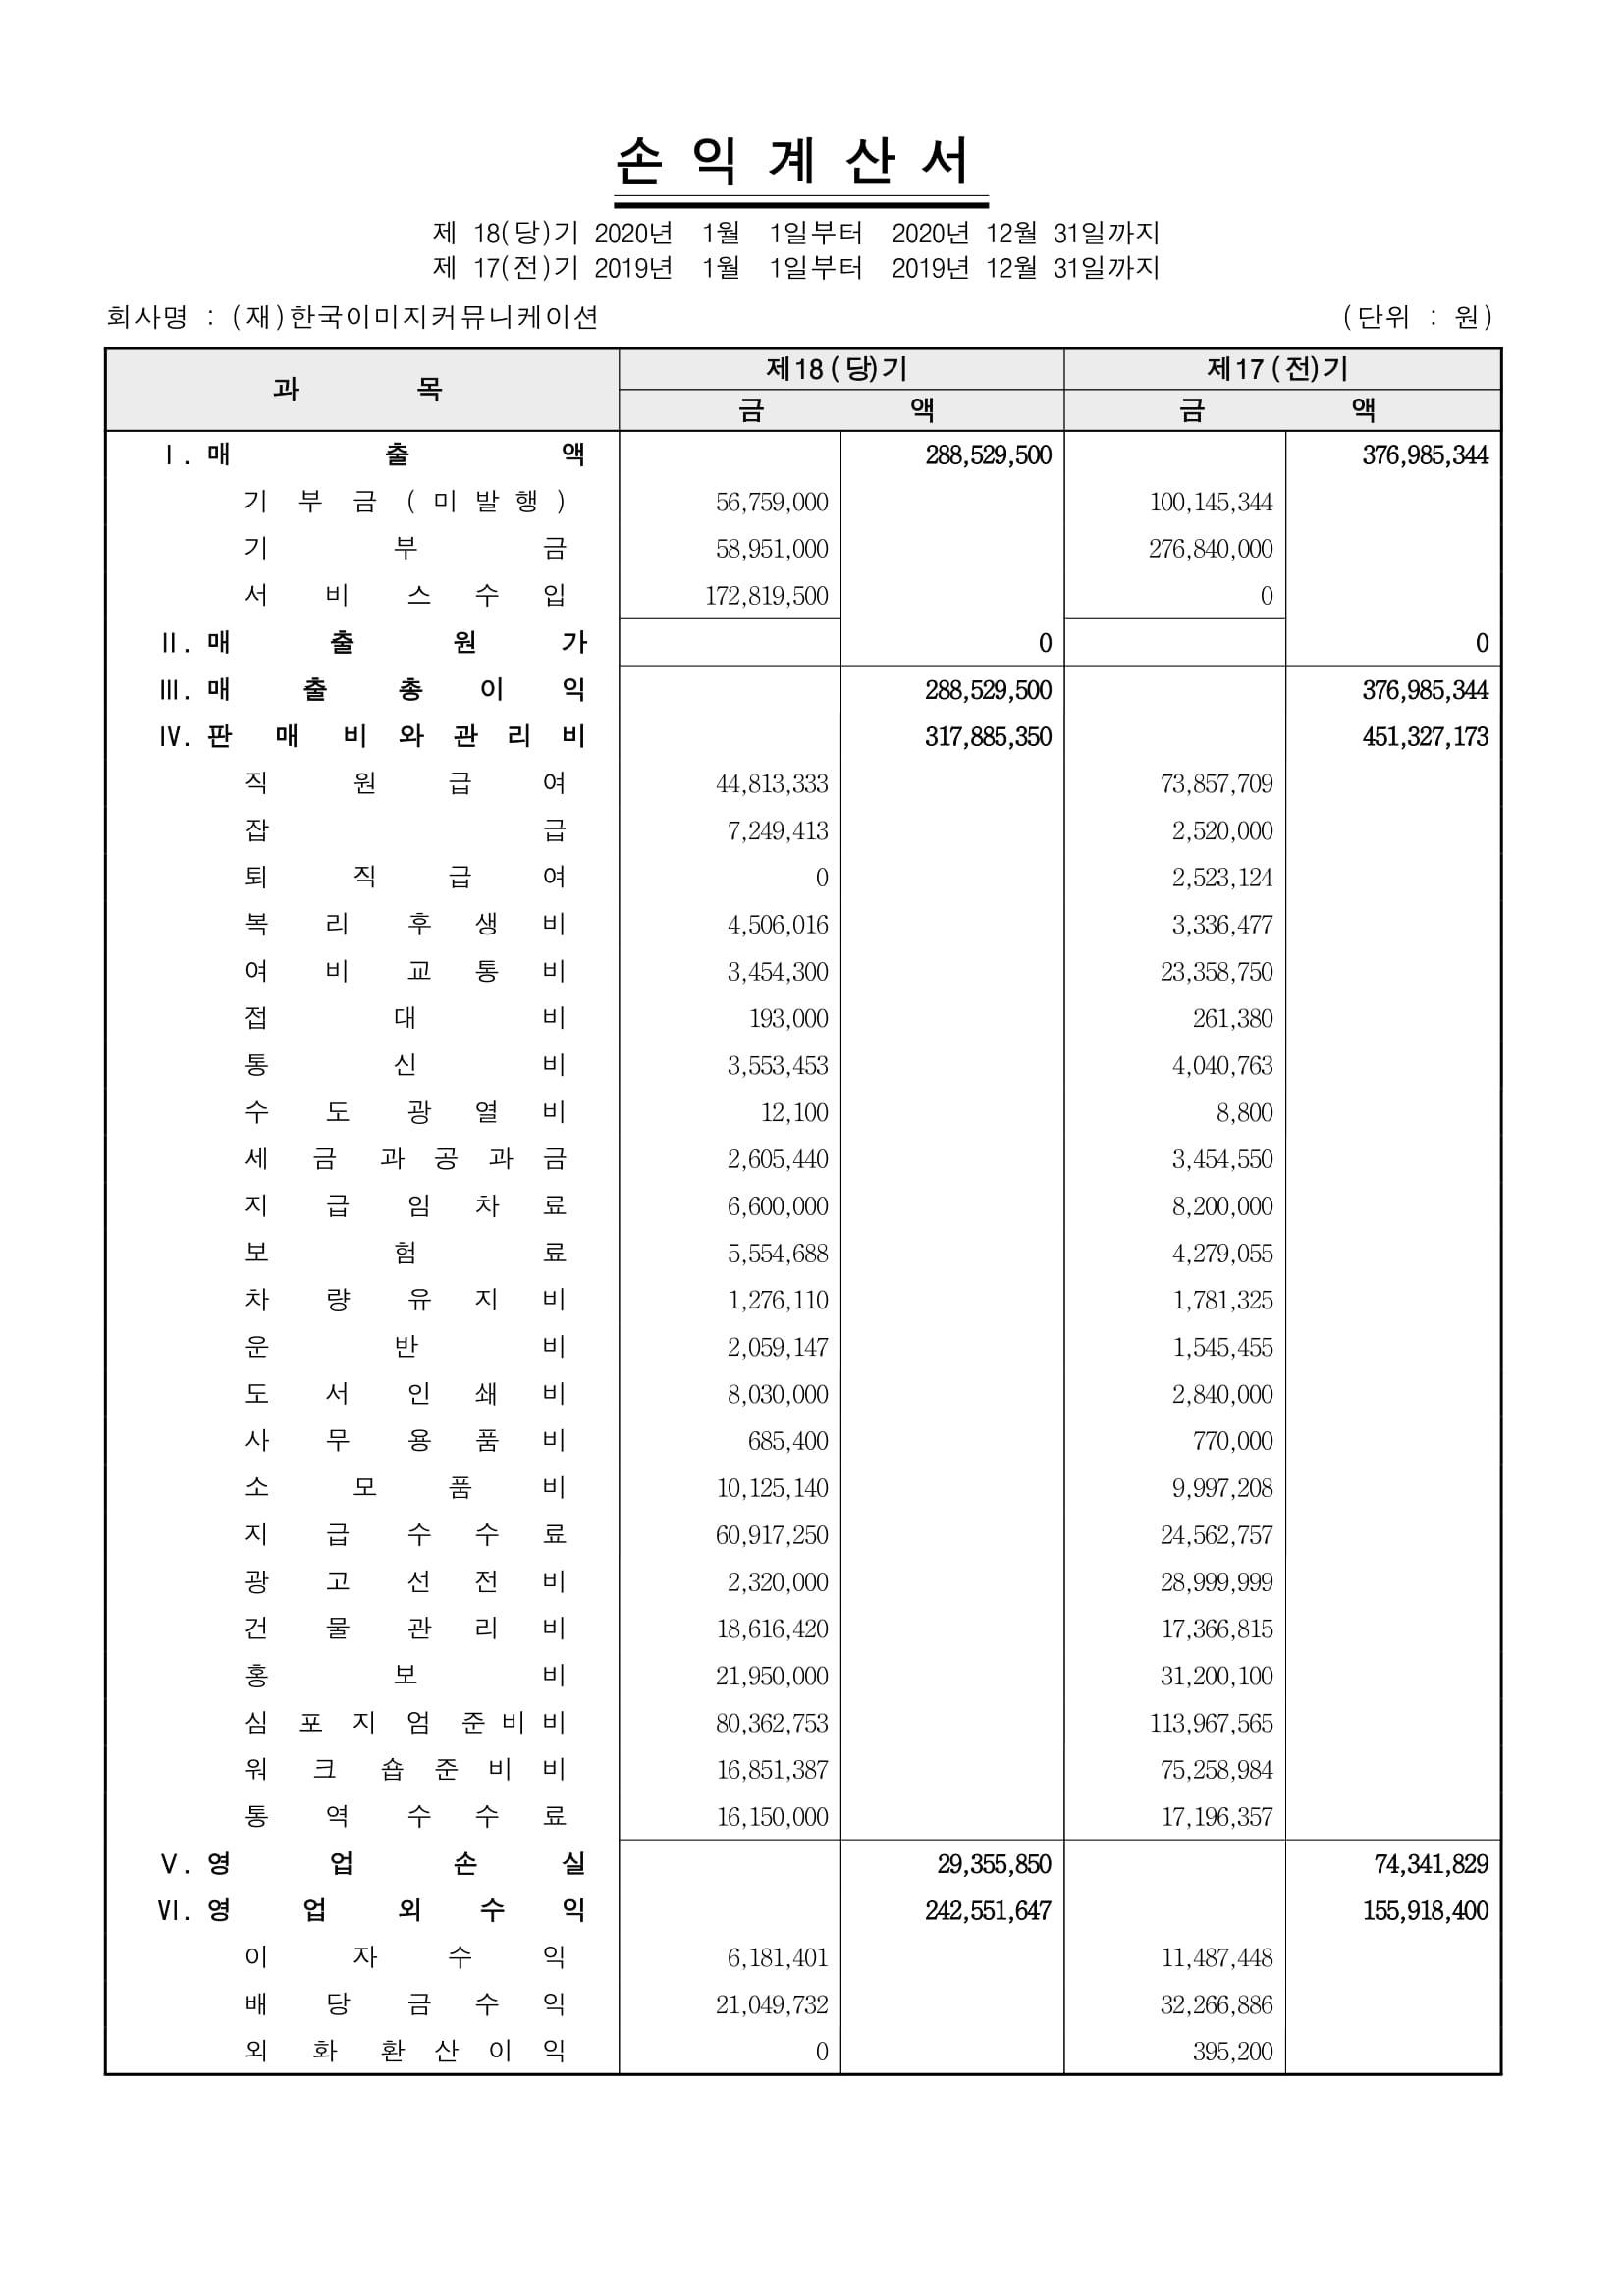 (재)한국이미지커뮤니케이션손익계산서2020년귀속-1.jpg